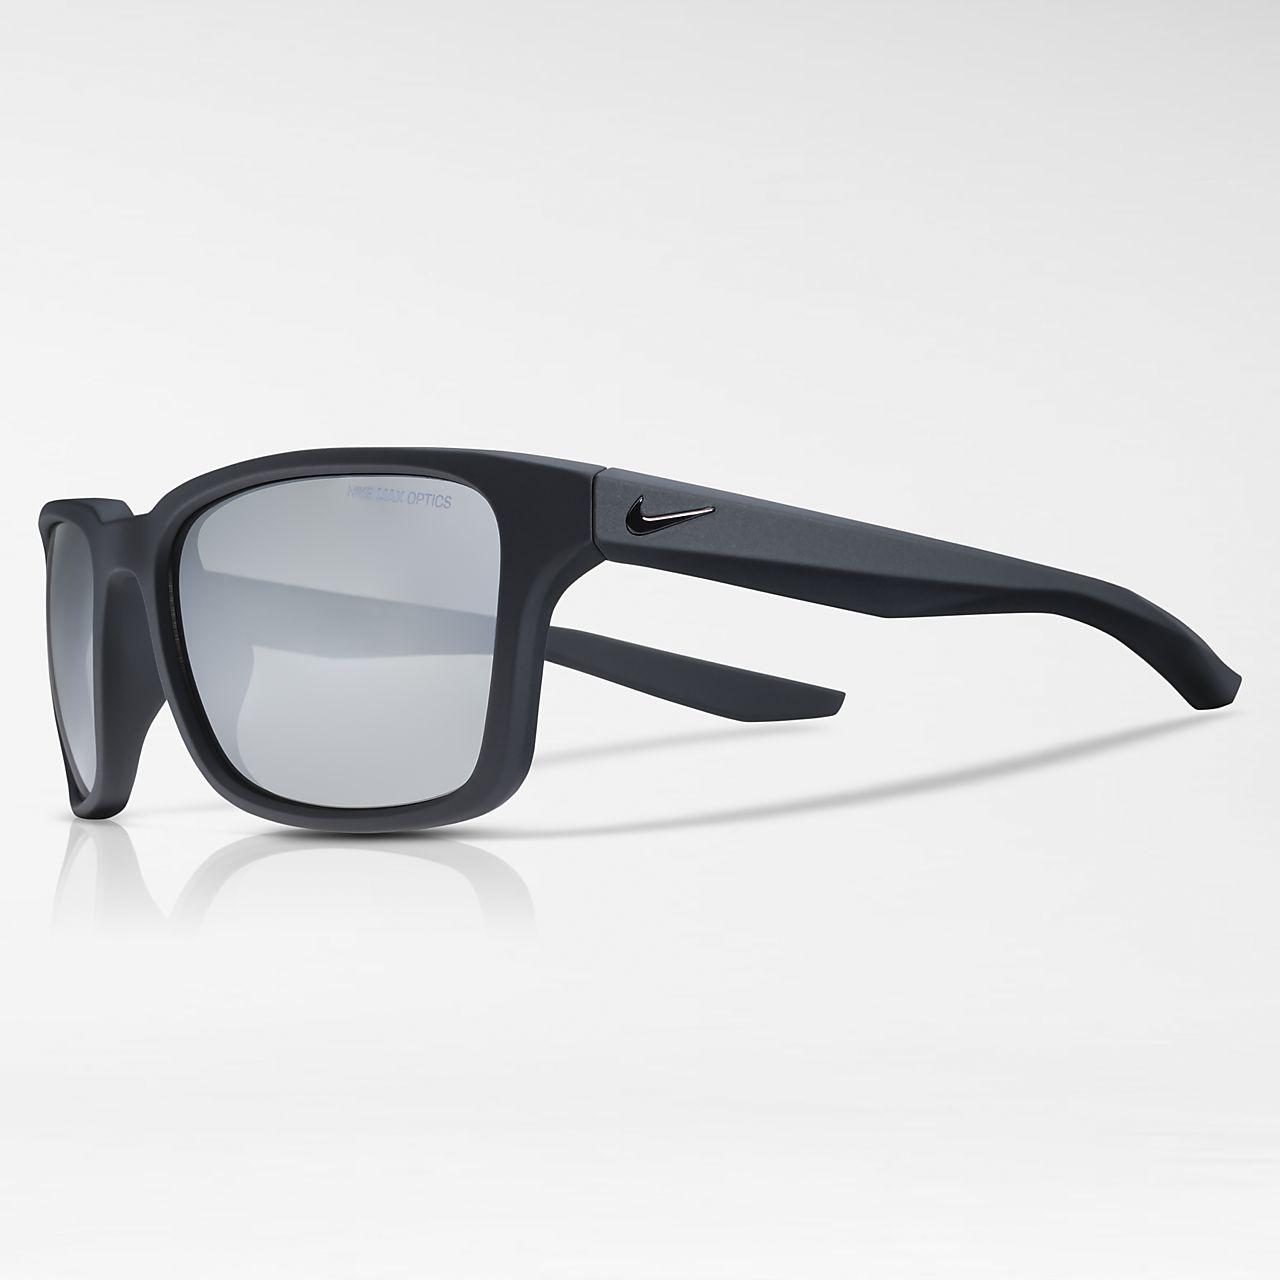 Acquista occhiali da sole nike - OFF43% sconti 730b7042c215